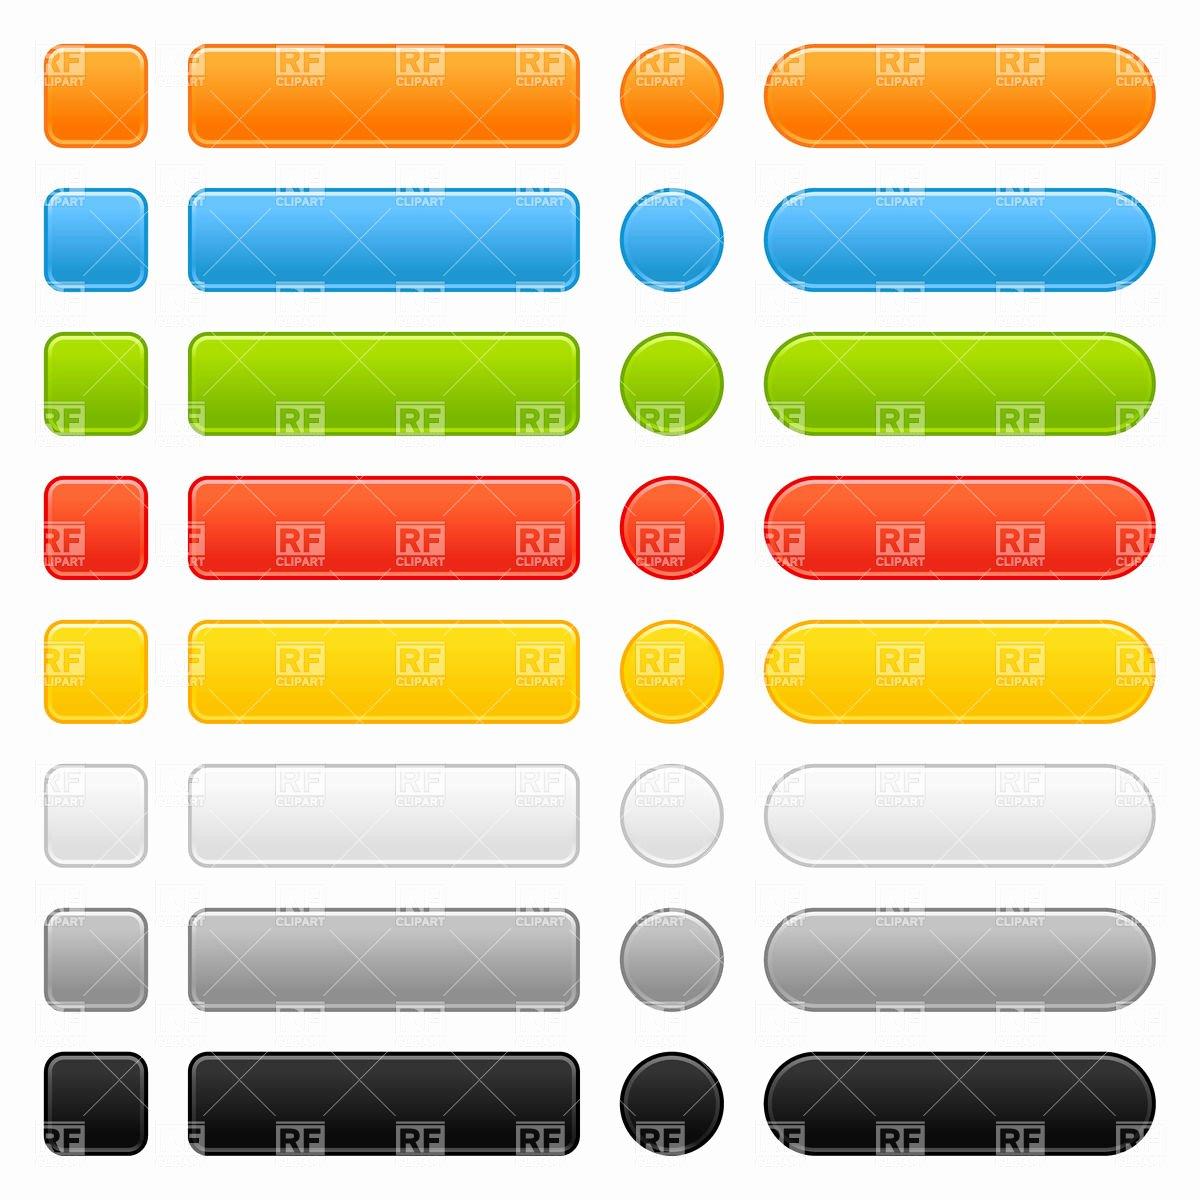 Design A button Template New Web button Templates Vector Image – Vector Artwork Of